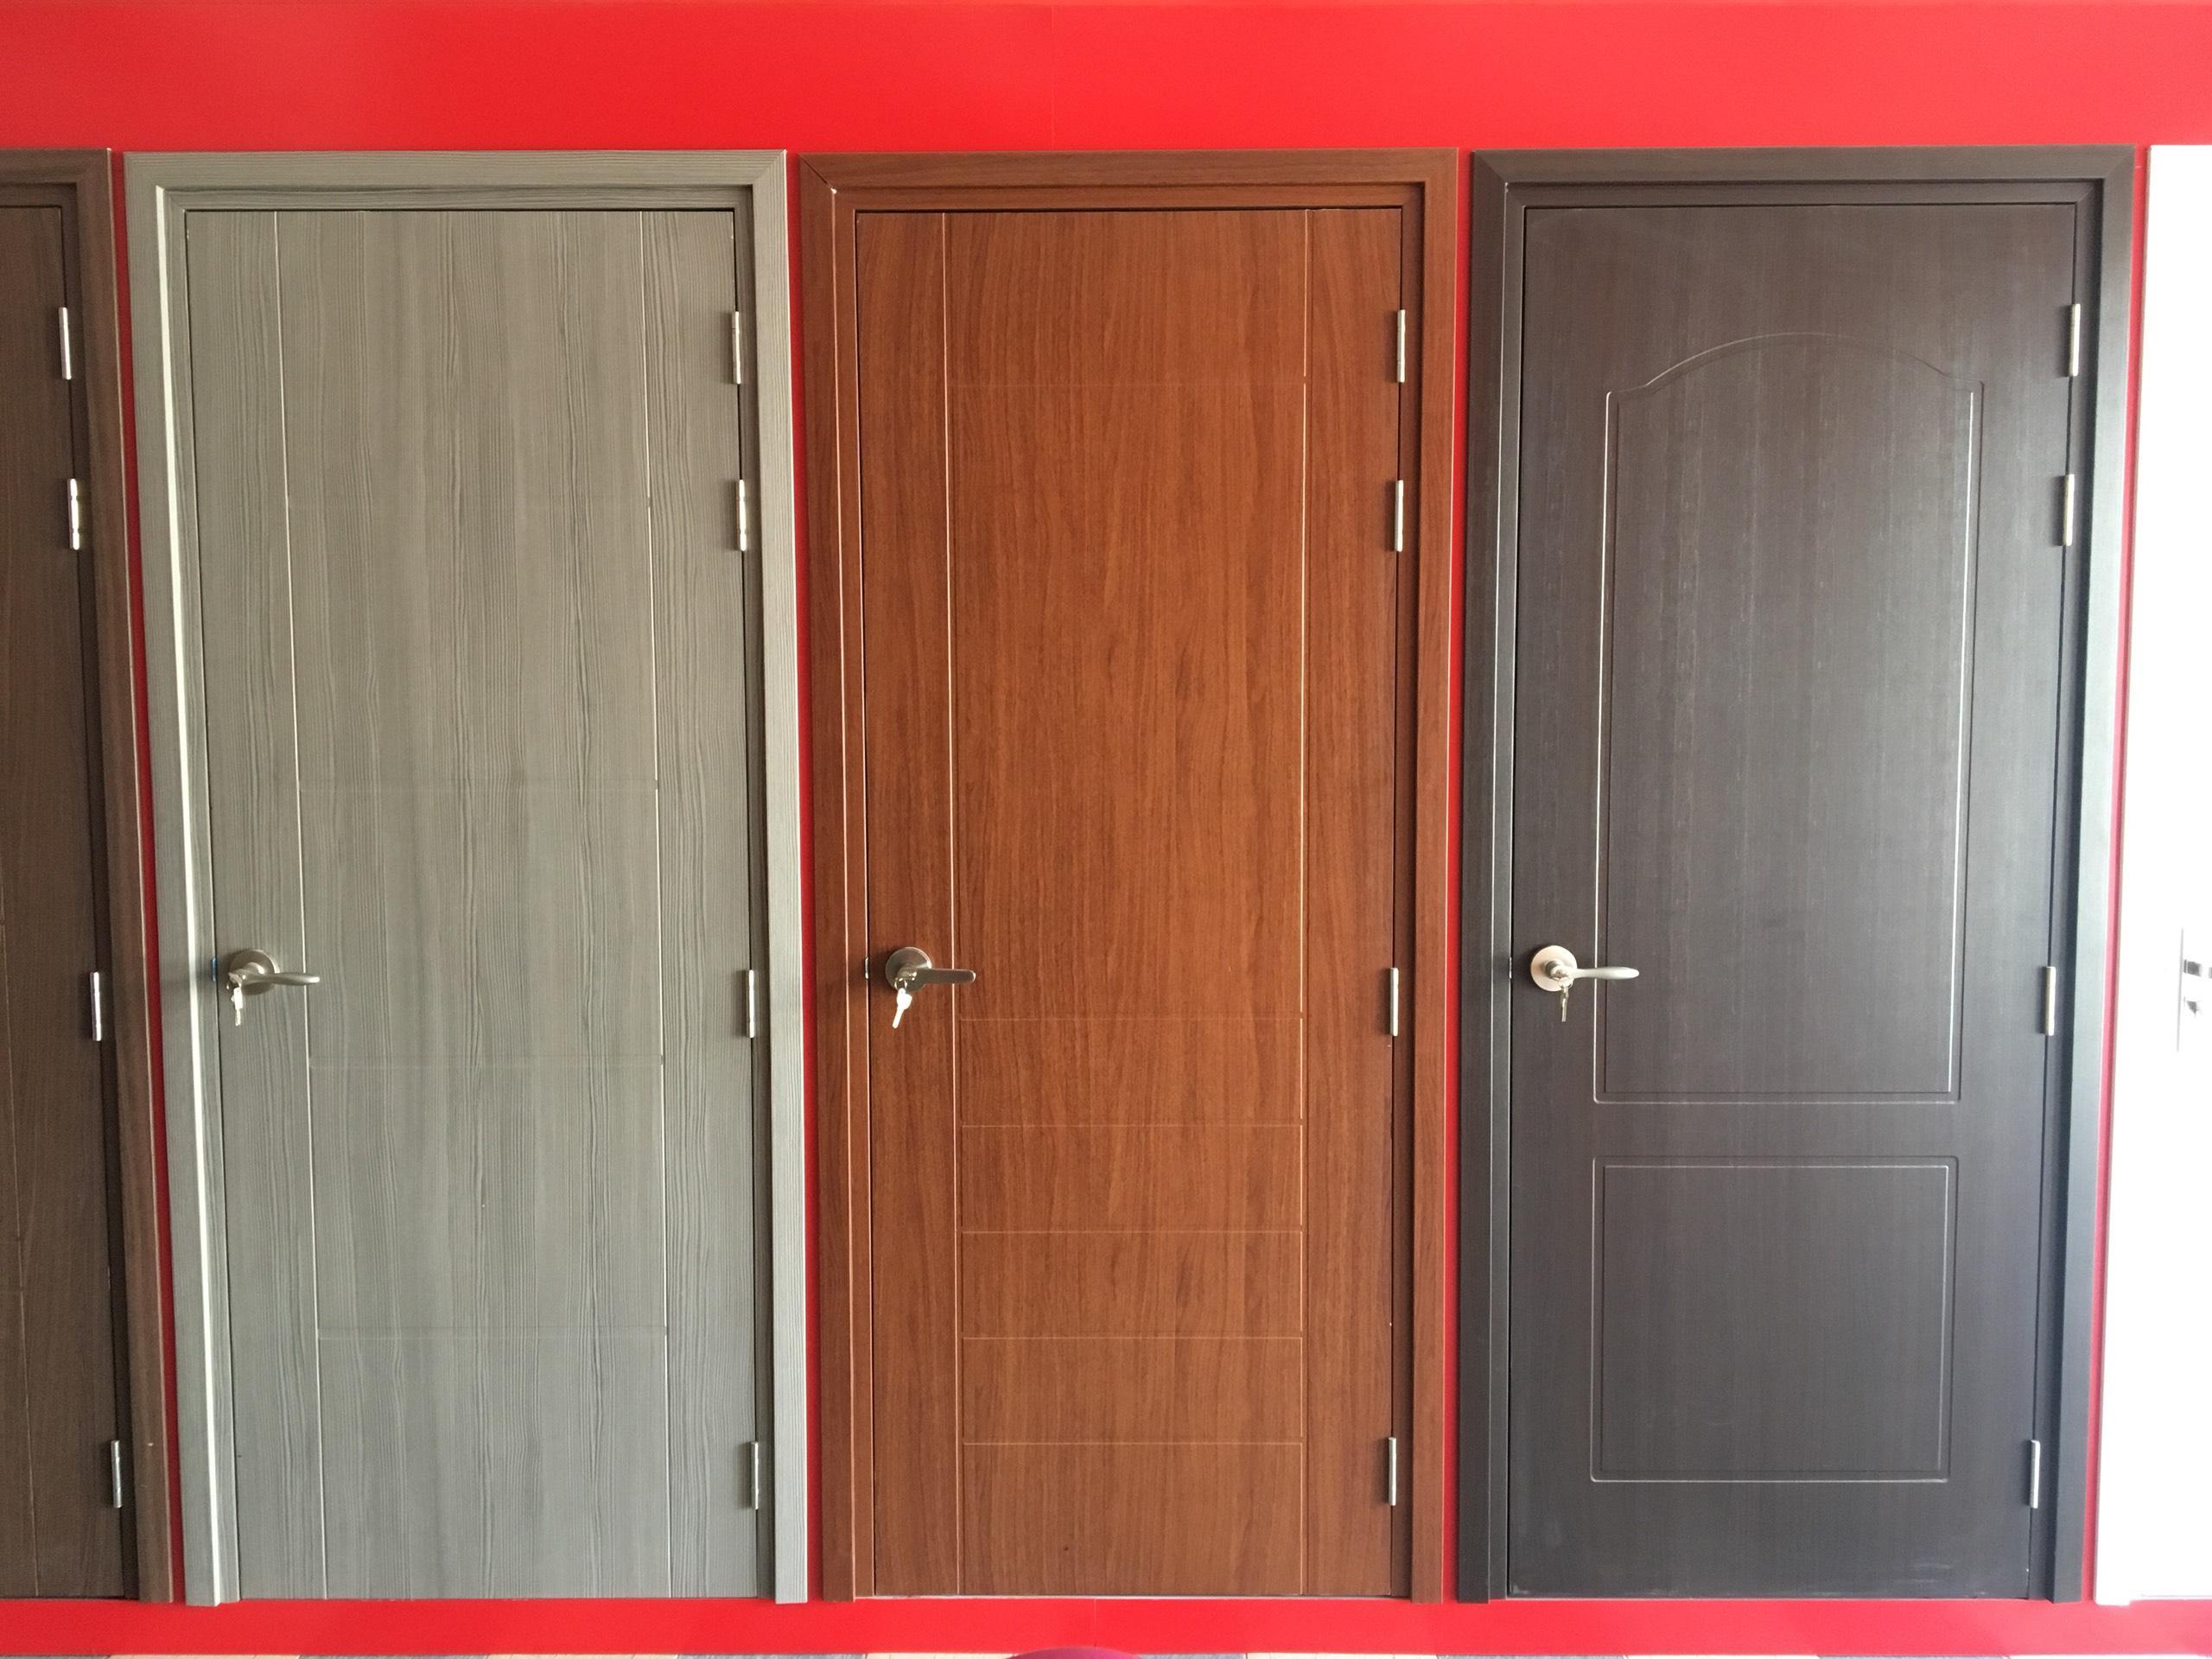 Cung cấp những loại cửa tốt nhất cho khách hàng luôn là tiêu chí của Kingdoor.